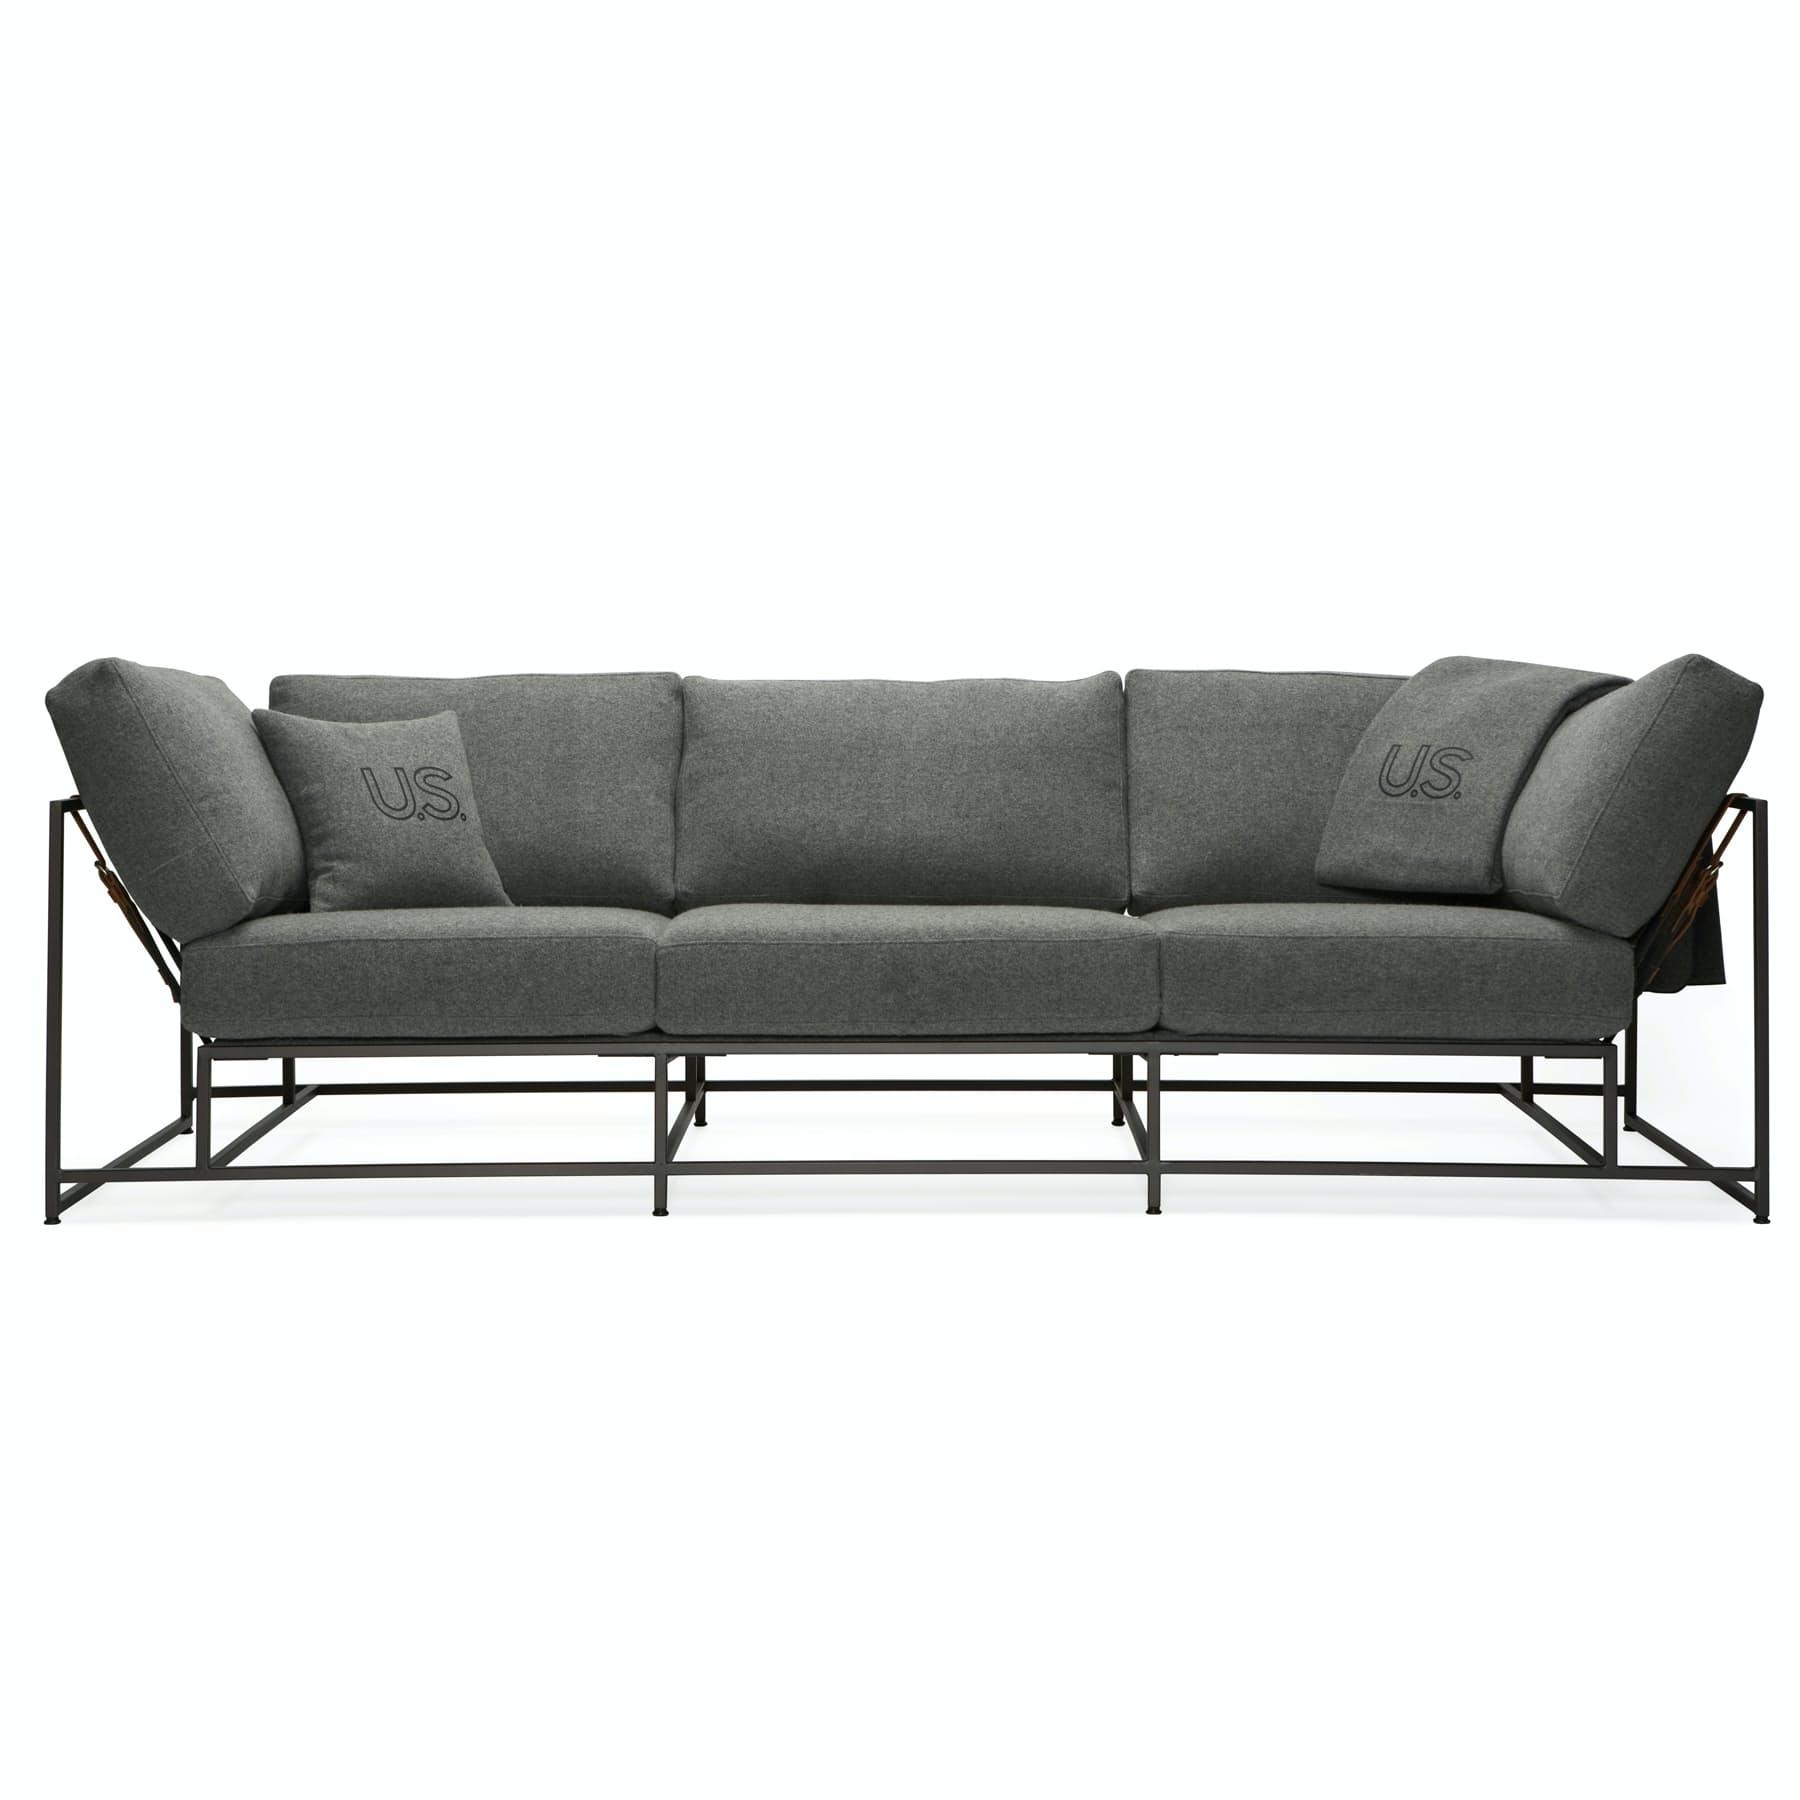 Ctmdq4hplu city gym sofa 0 original